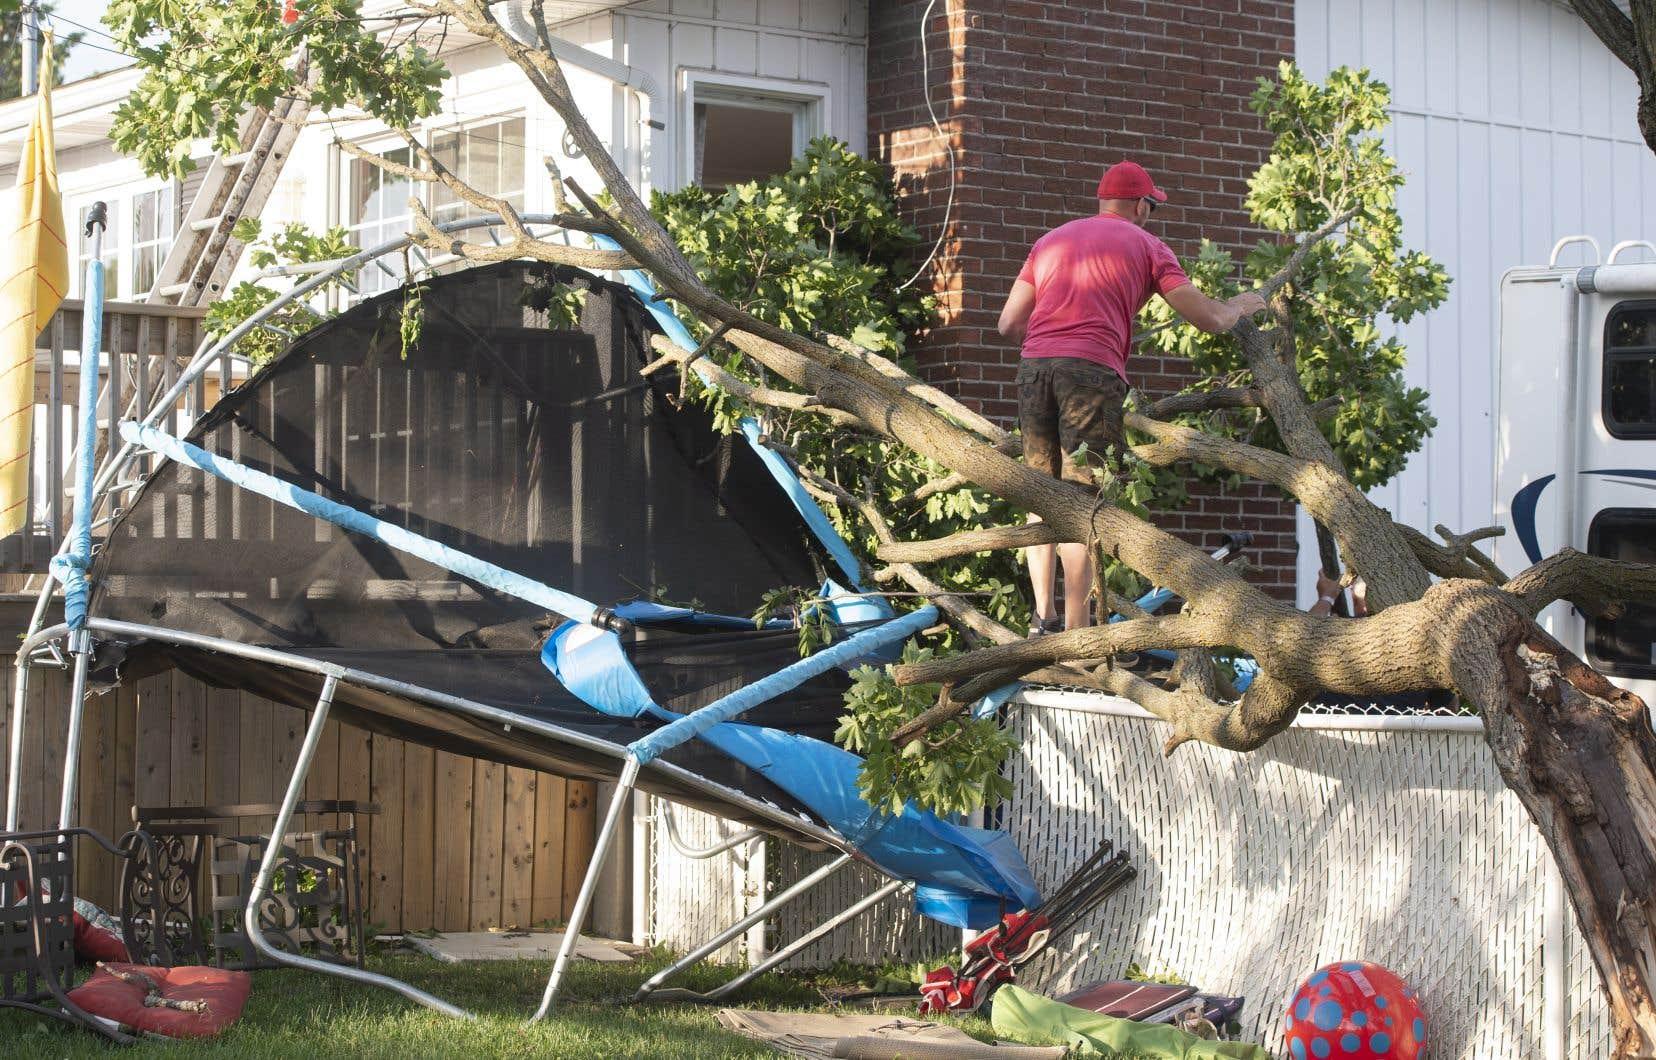 Les spécialistes devront se rendre sur les lieux pour constater les dégâts, ce qui devrait être fait dans les prochains jours.